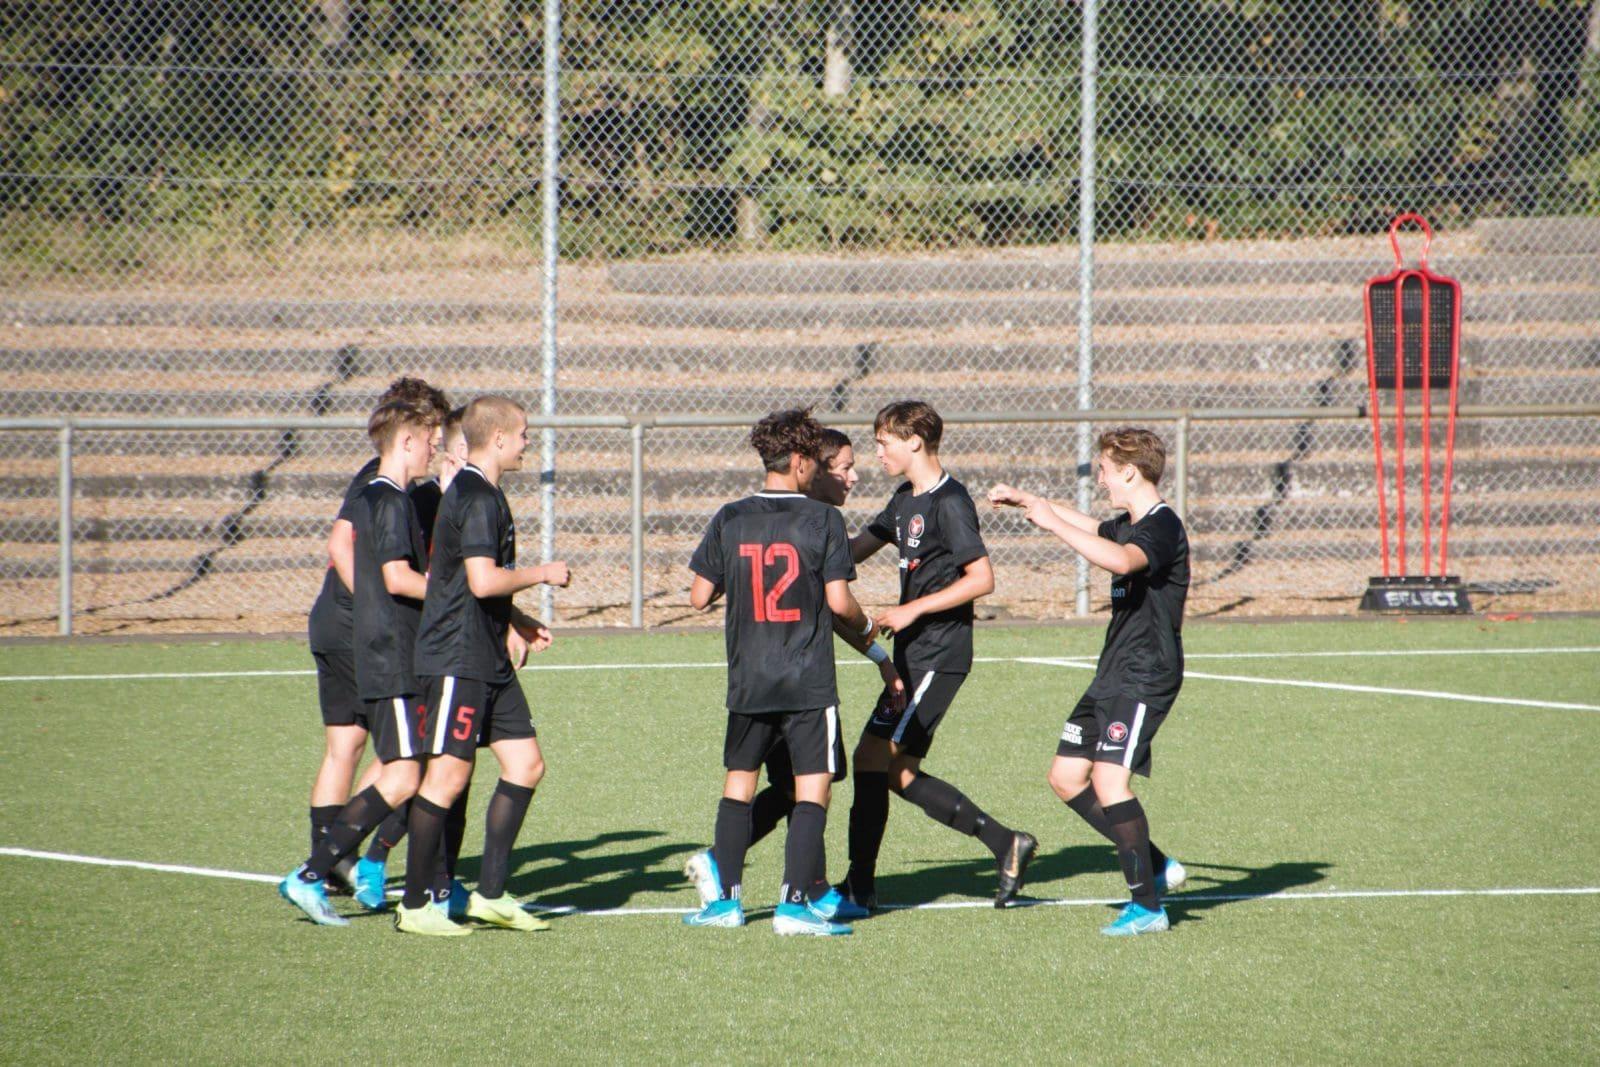 U17: Overfaldsfodbold på Vestkysten